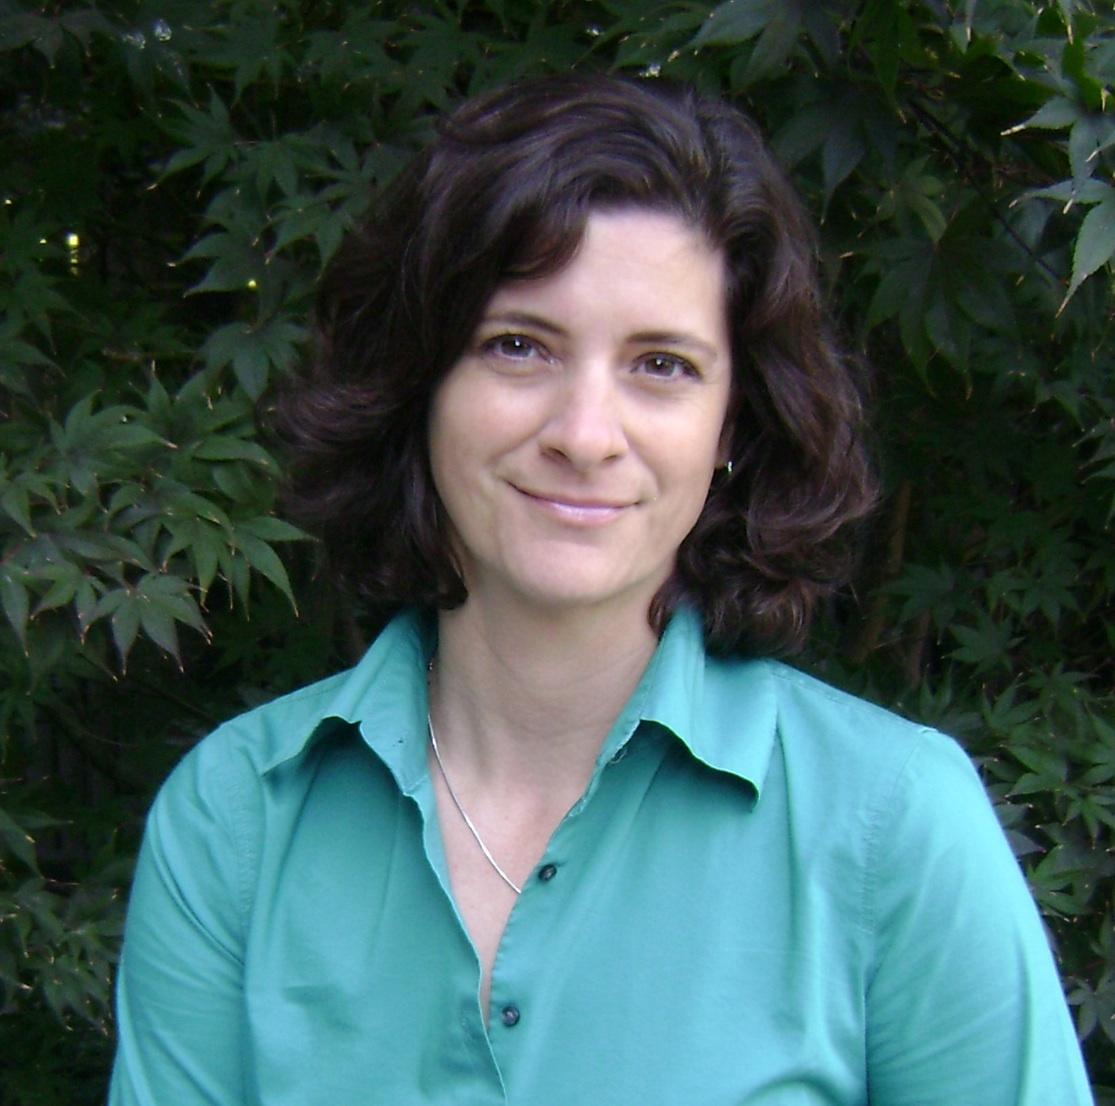 Janet LaFleur